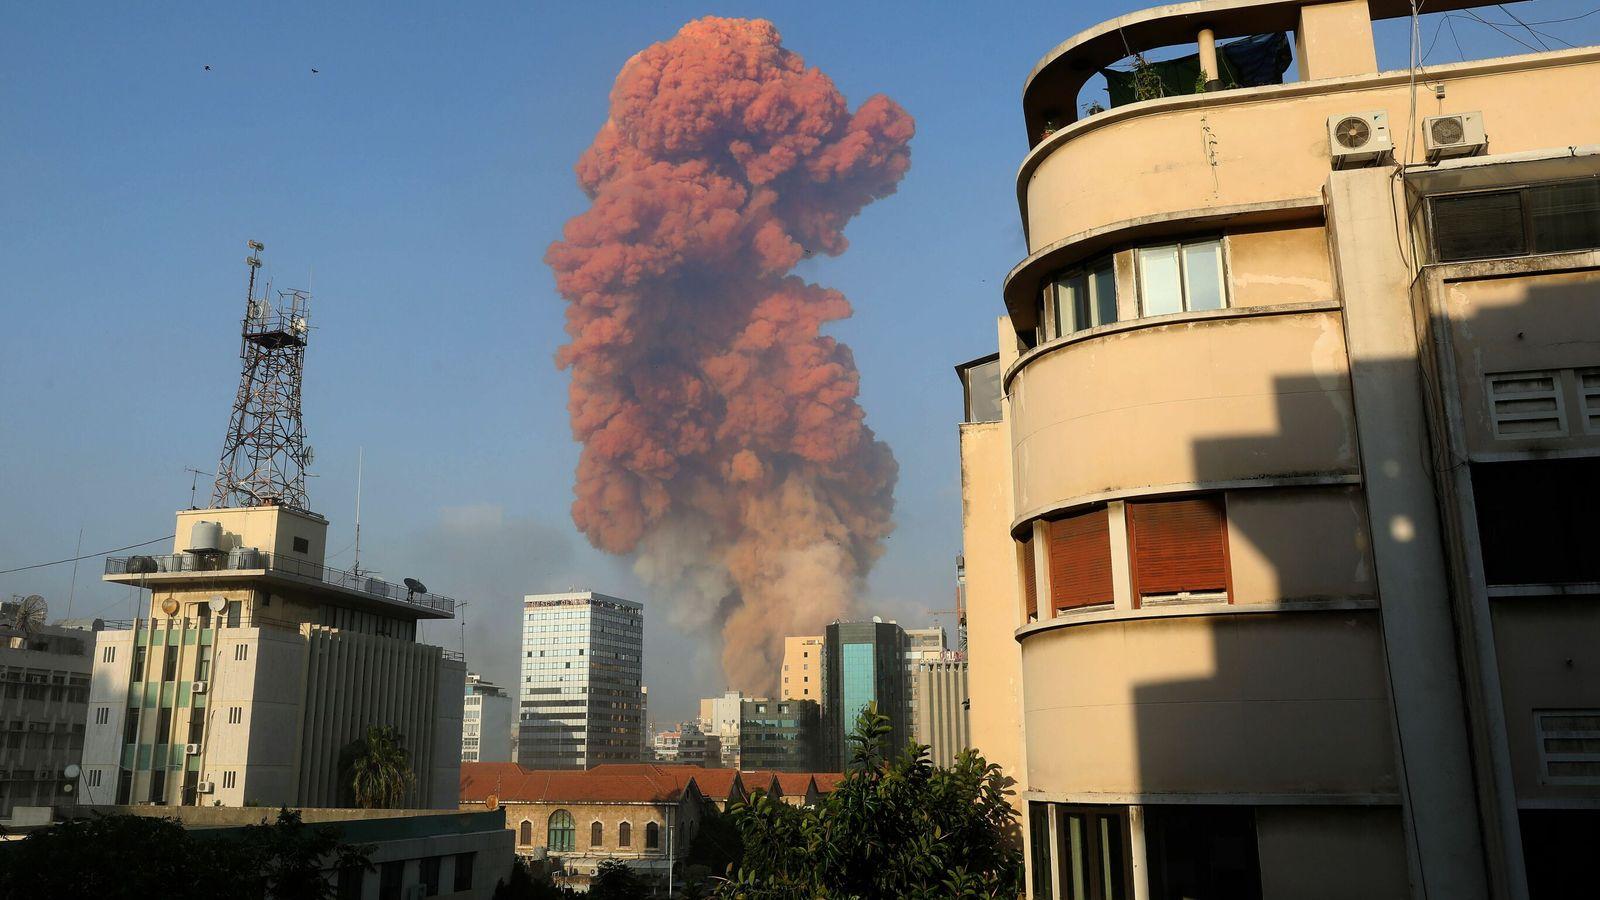 skynews beirut lebanon explosion 5058113 - Blog